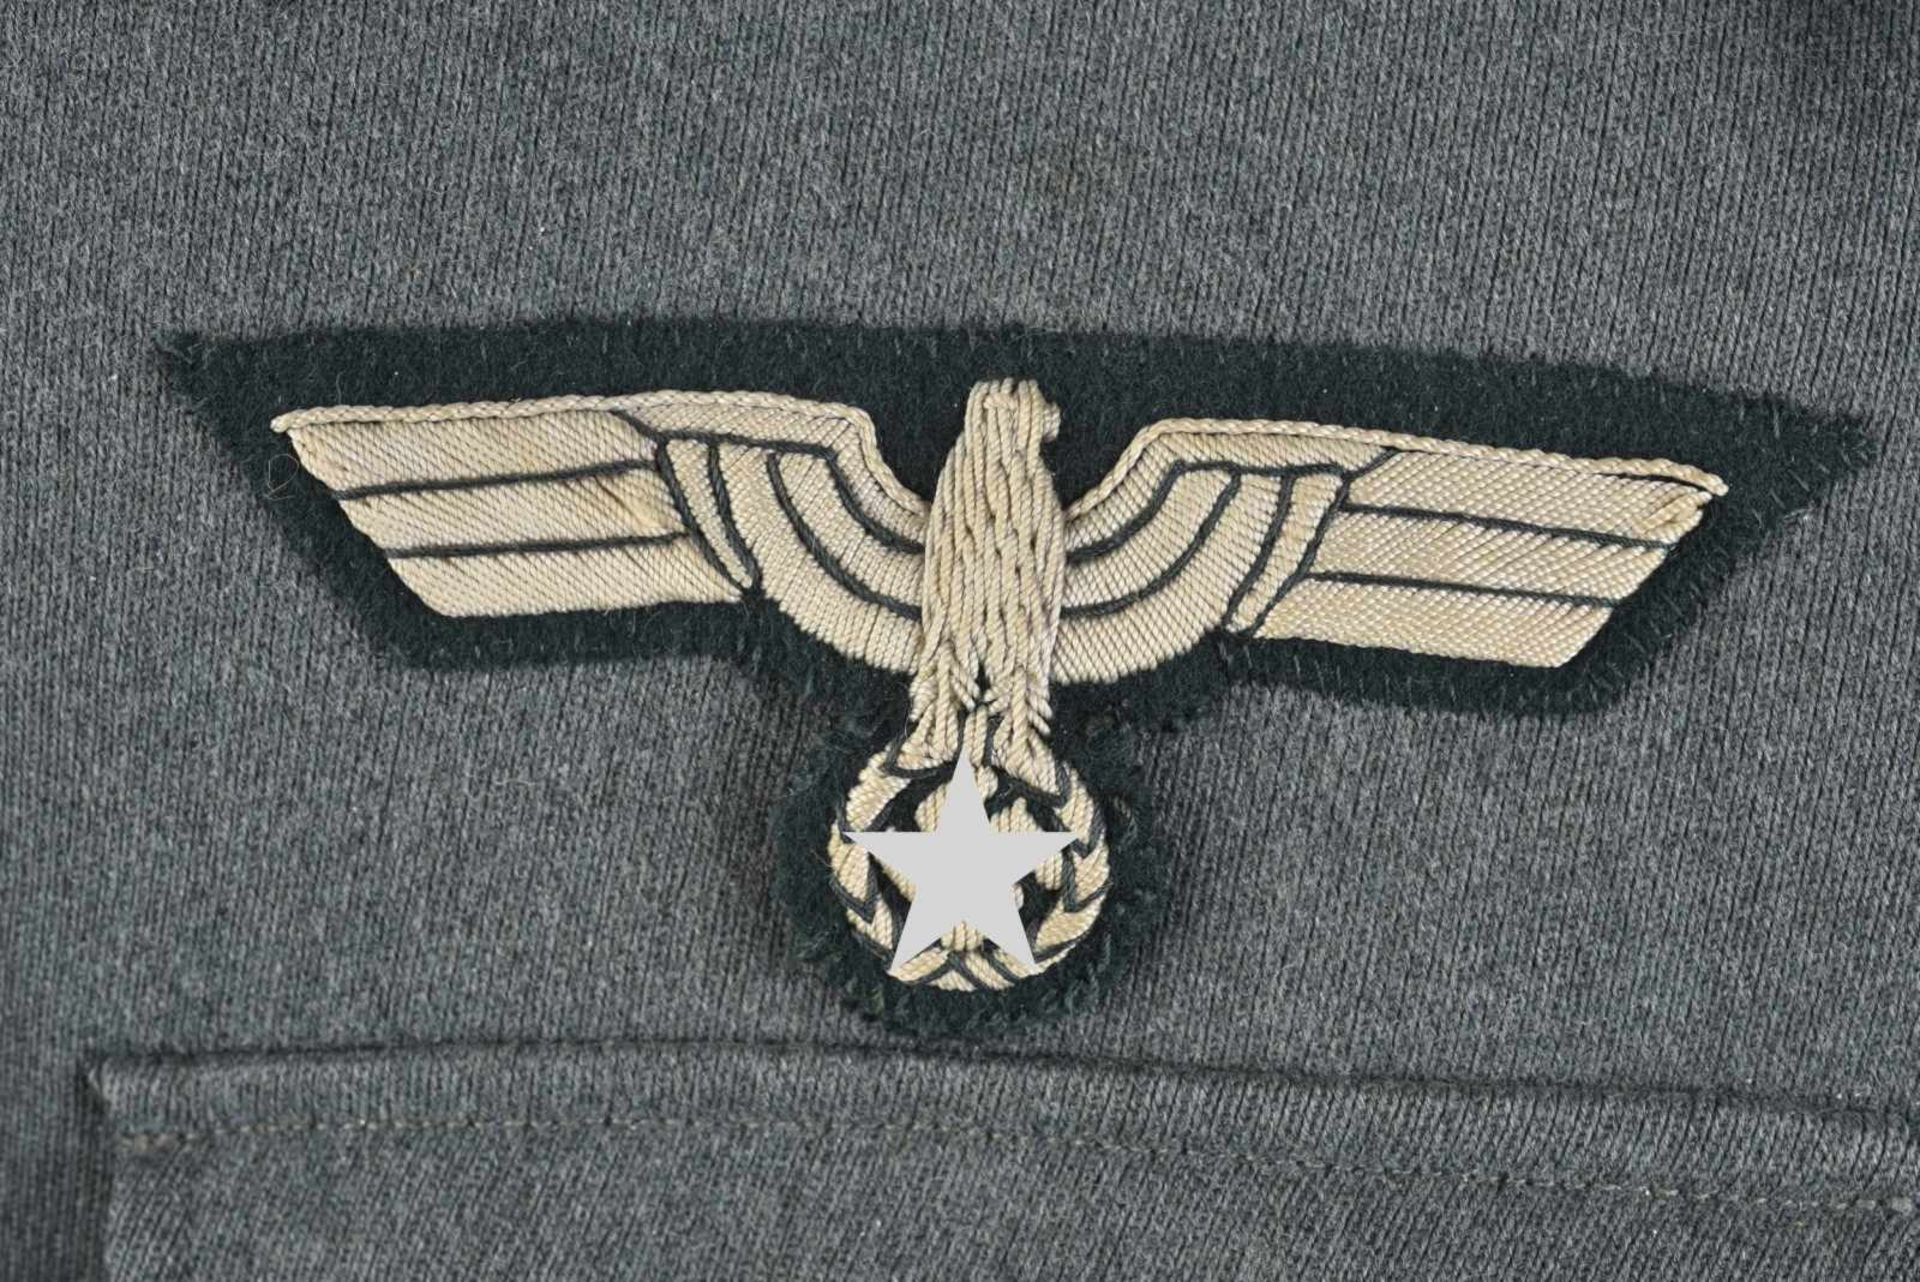 Vareuse de Leutnant de l'infanterie en gabardine Feldgrau tous les boutons sont présents. - Bild 3 aus 4